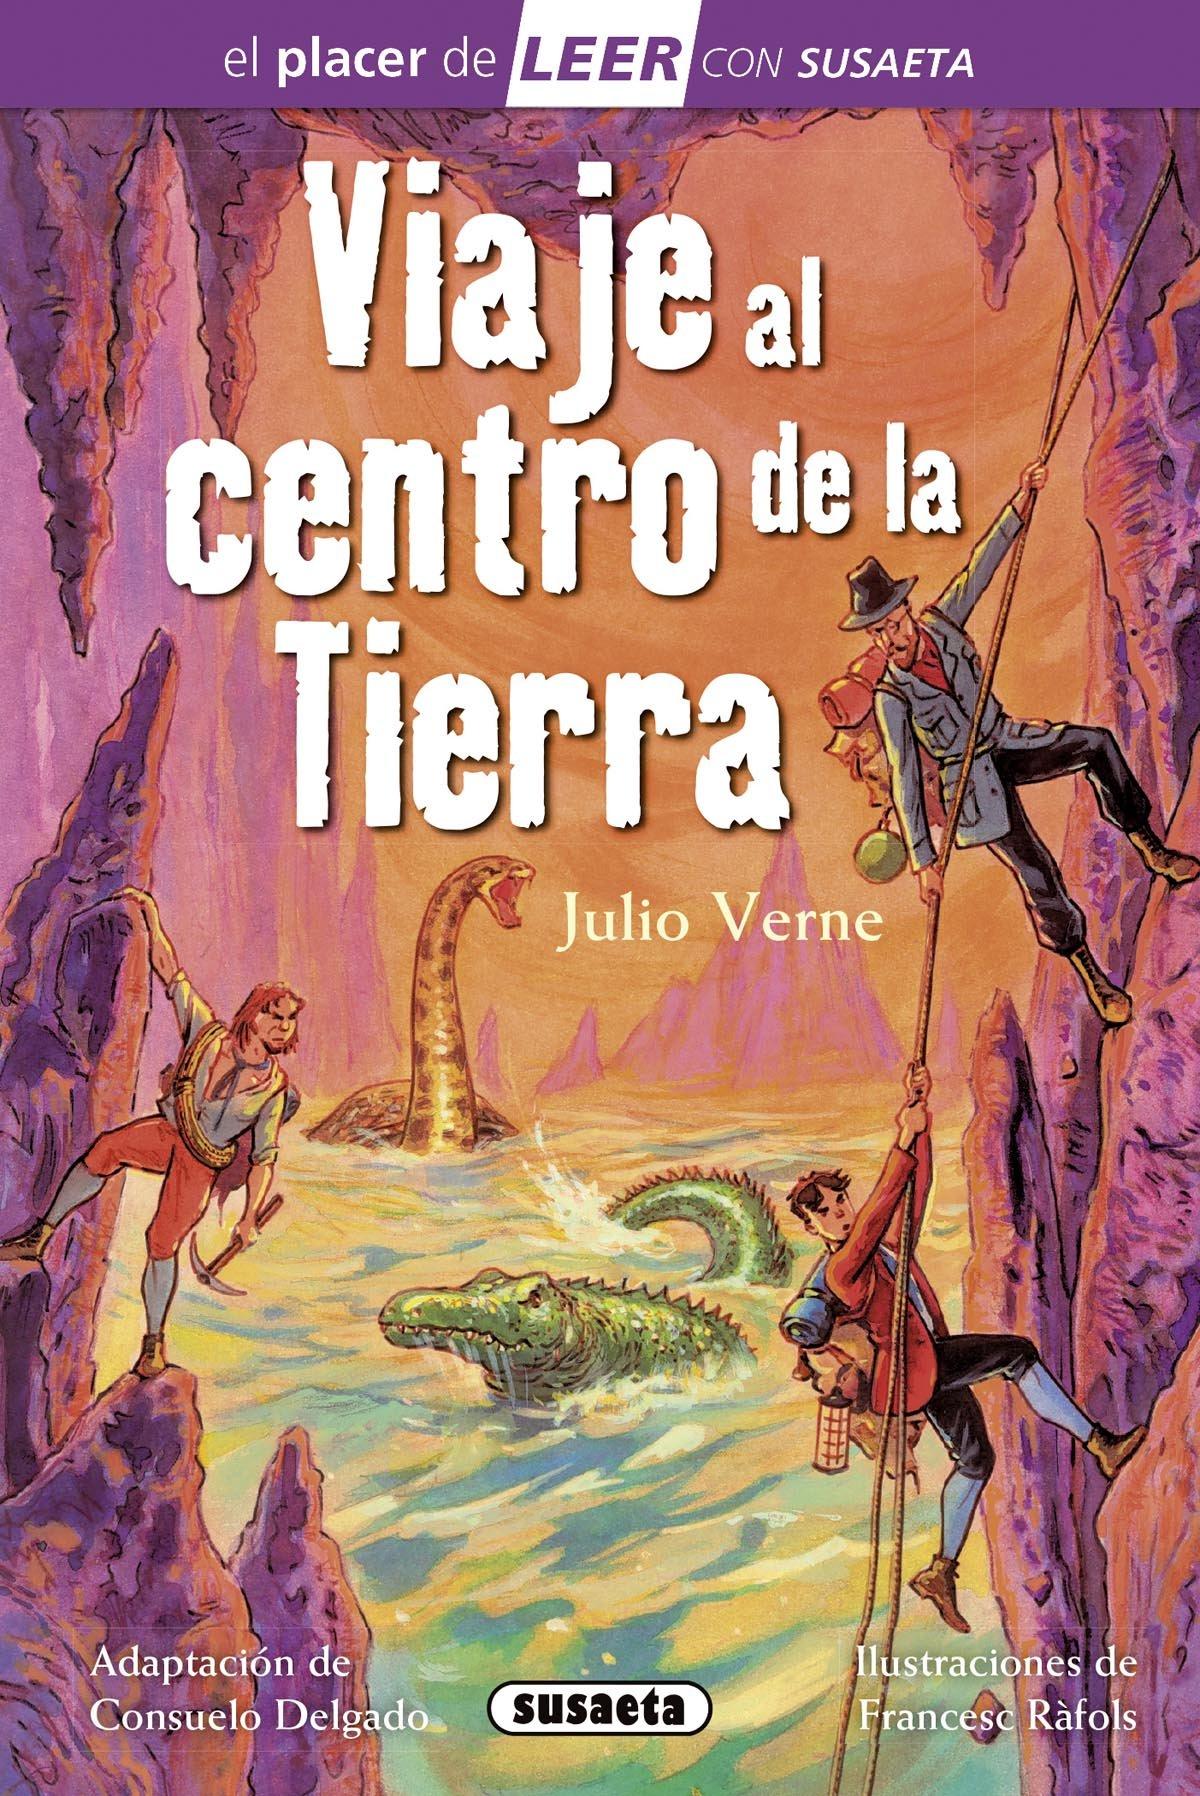 viaje-al-centro-de-la-tierra-el-placer-de-leer-con-susaeta-nivel-4